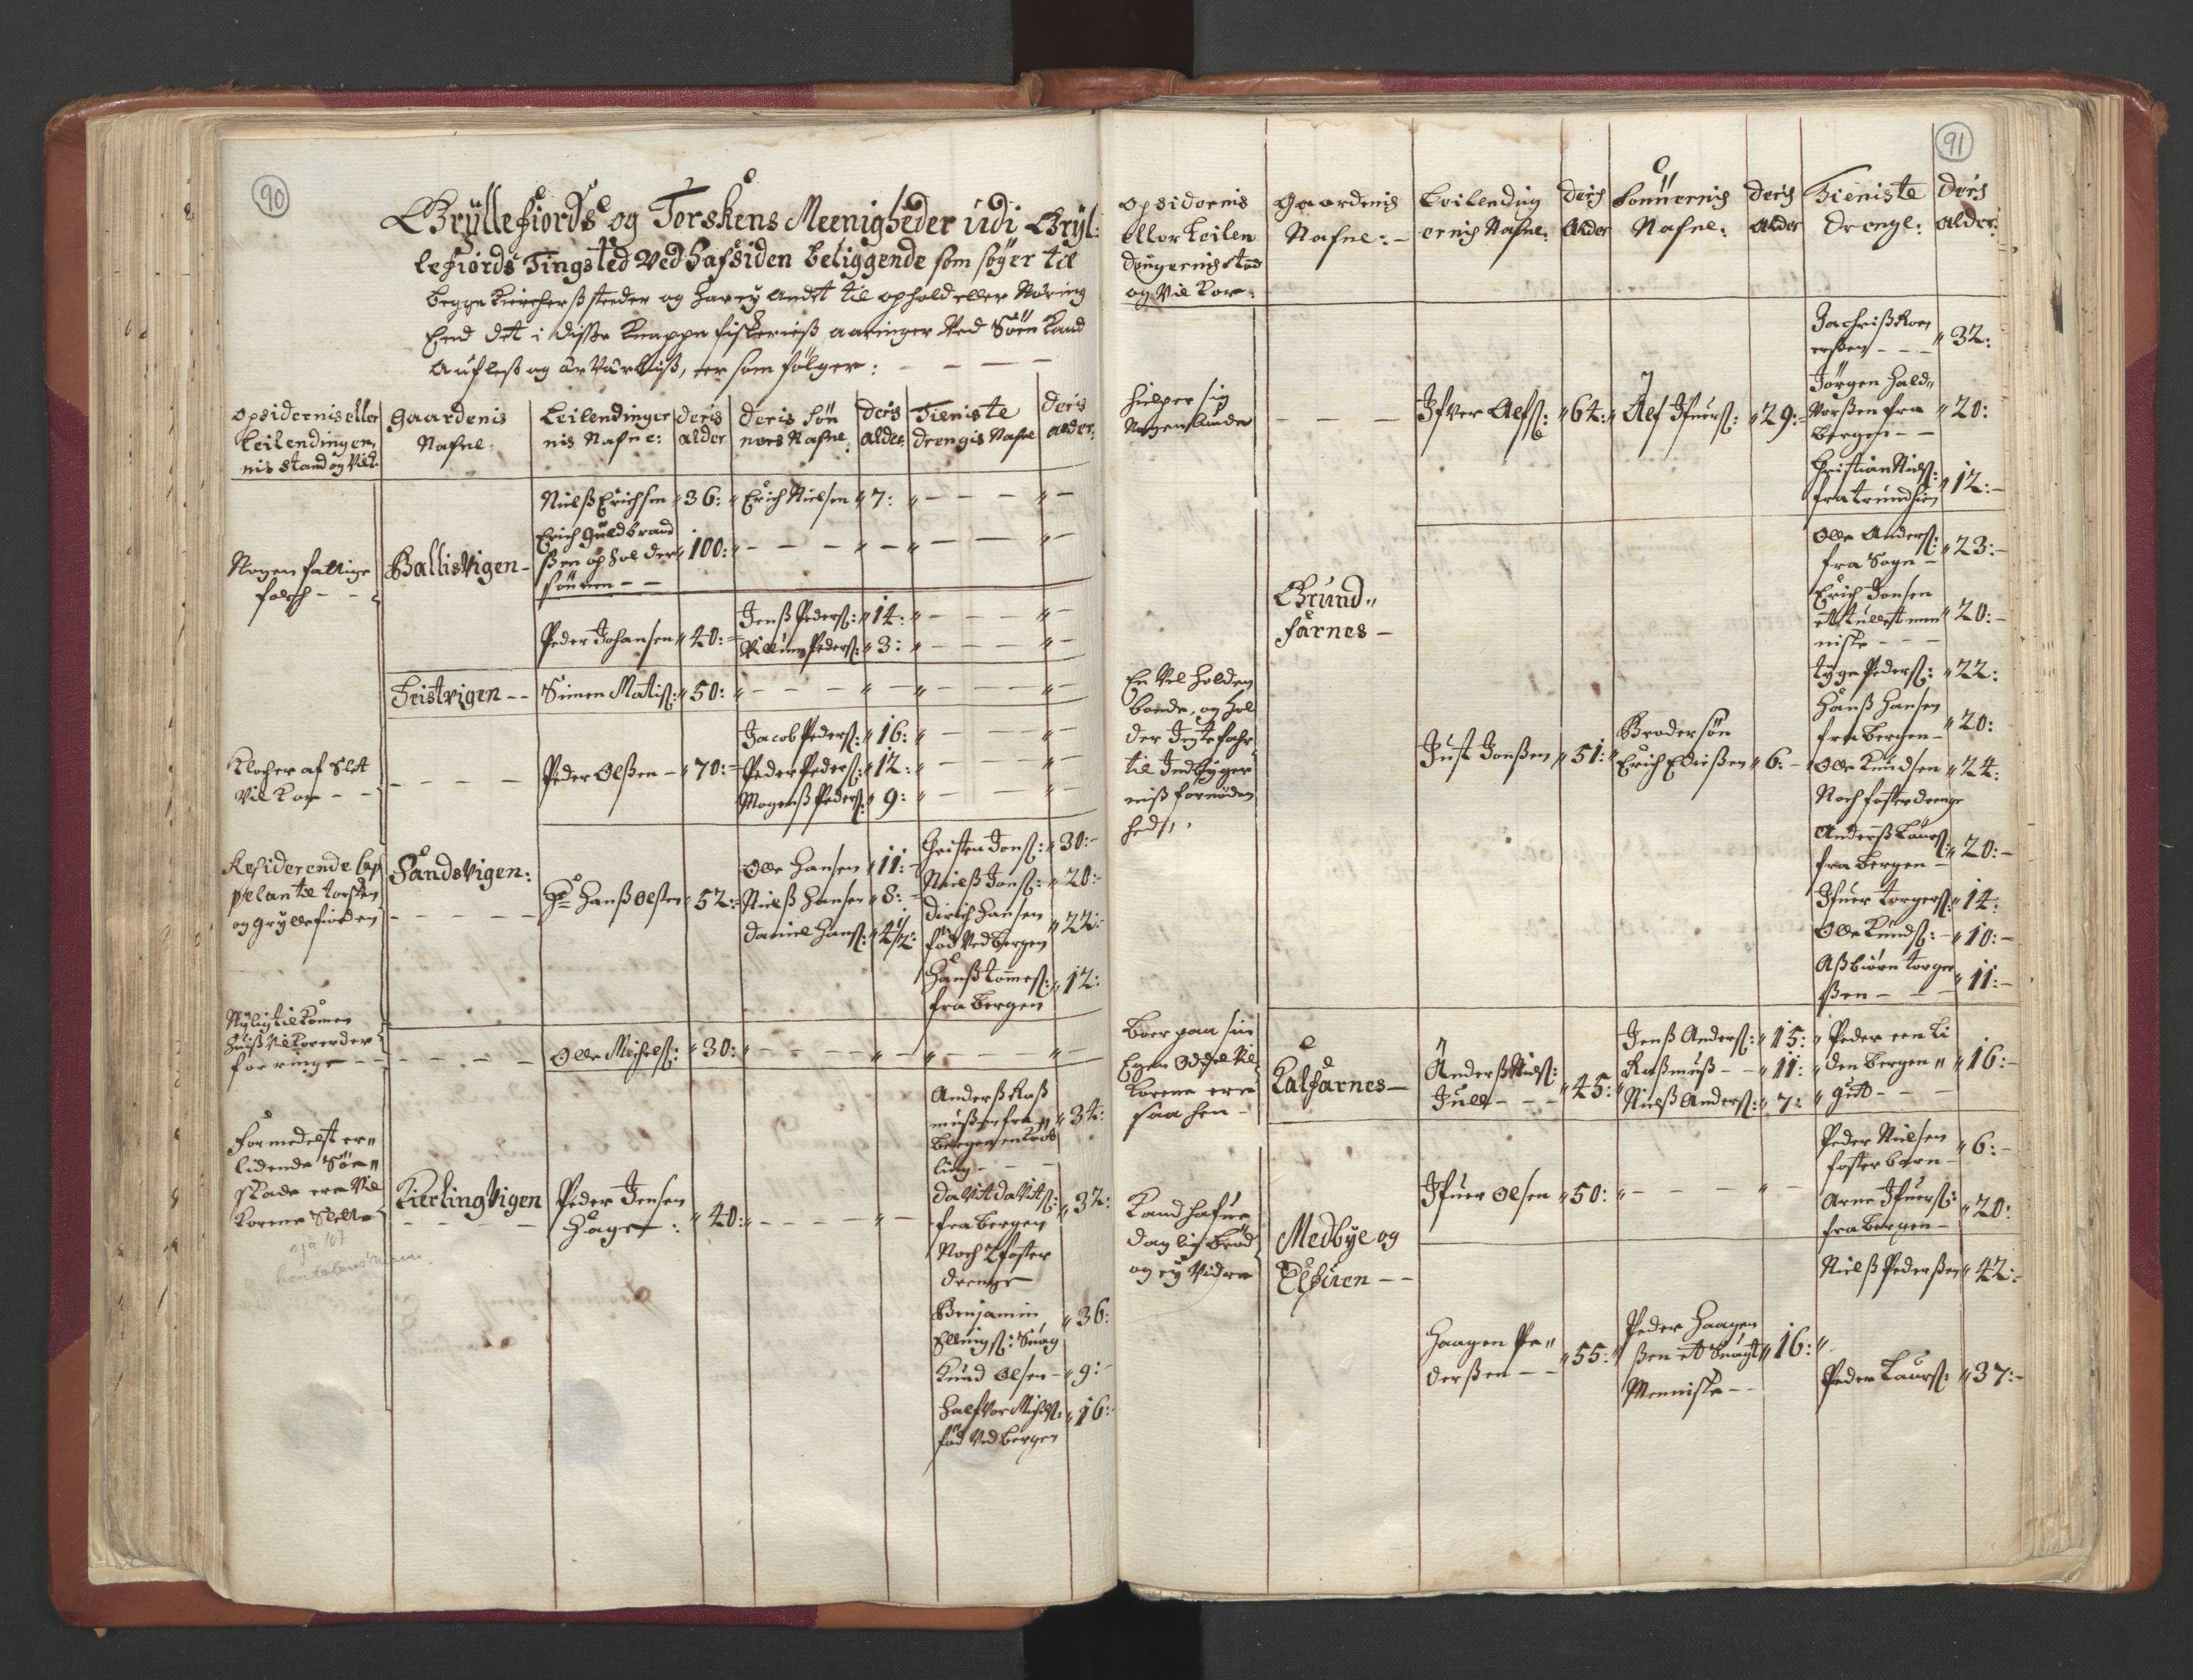 RA, Manntallet 1701, nr. 19: Senja og Tromsø fogderi, 1701, s. 90-91